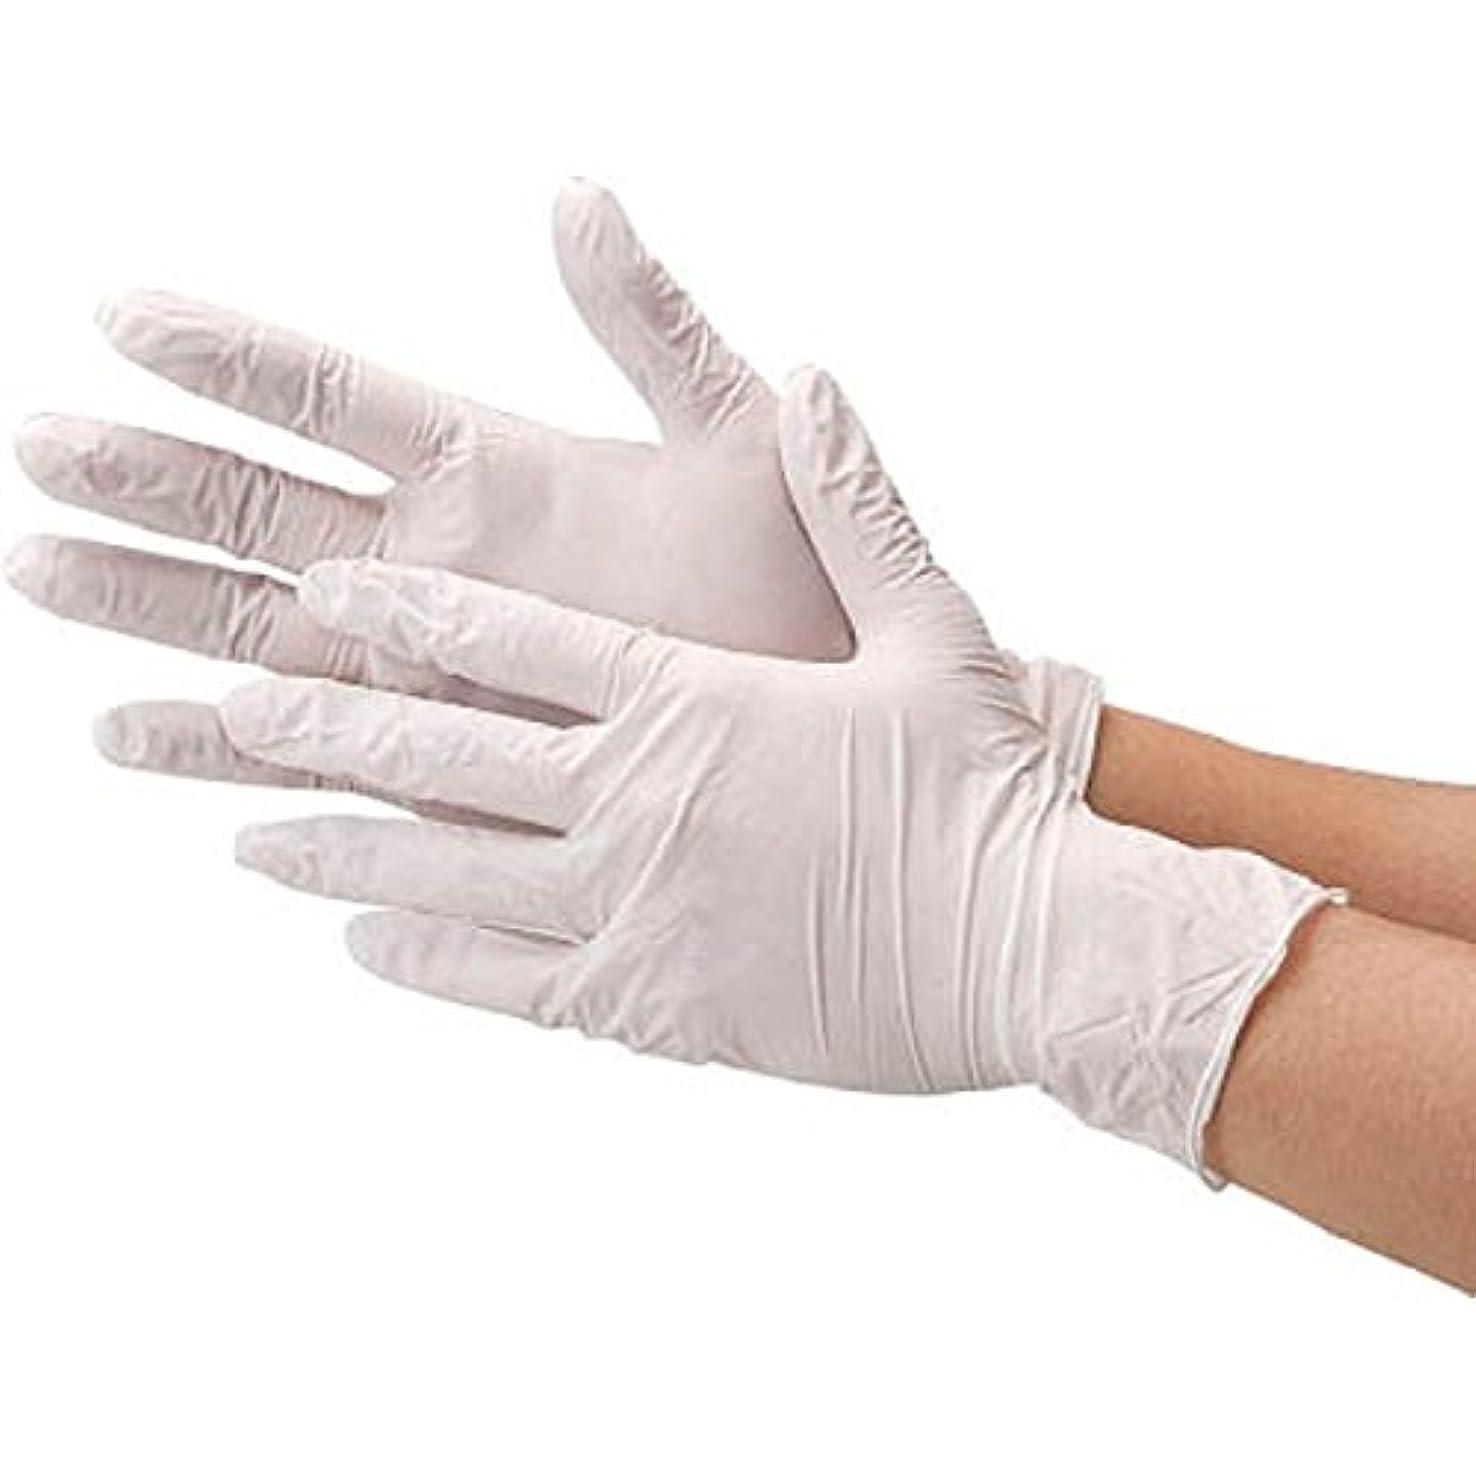 メジャー些細なセンチメートル川西工業/川西 ニトリル使いきり手袋 100枚入(4218132) 2044W-L [その他]